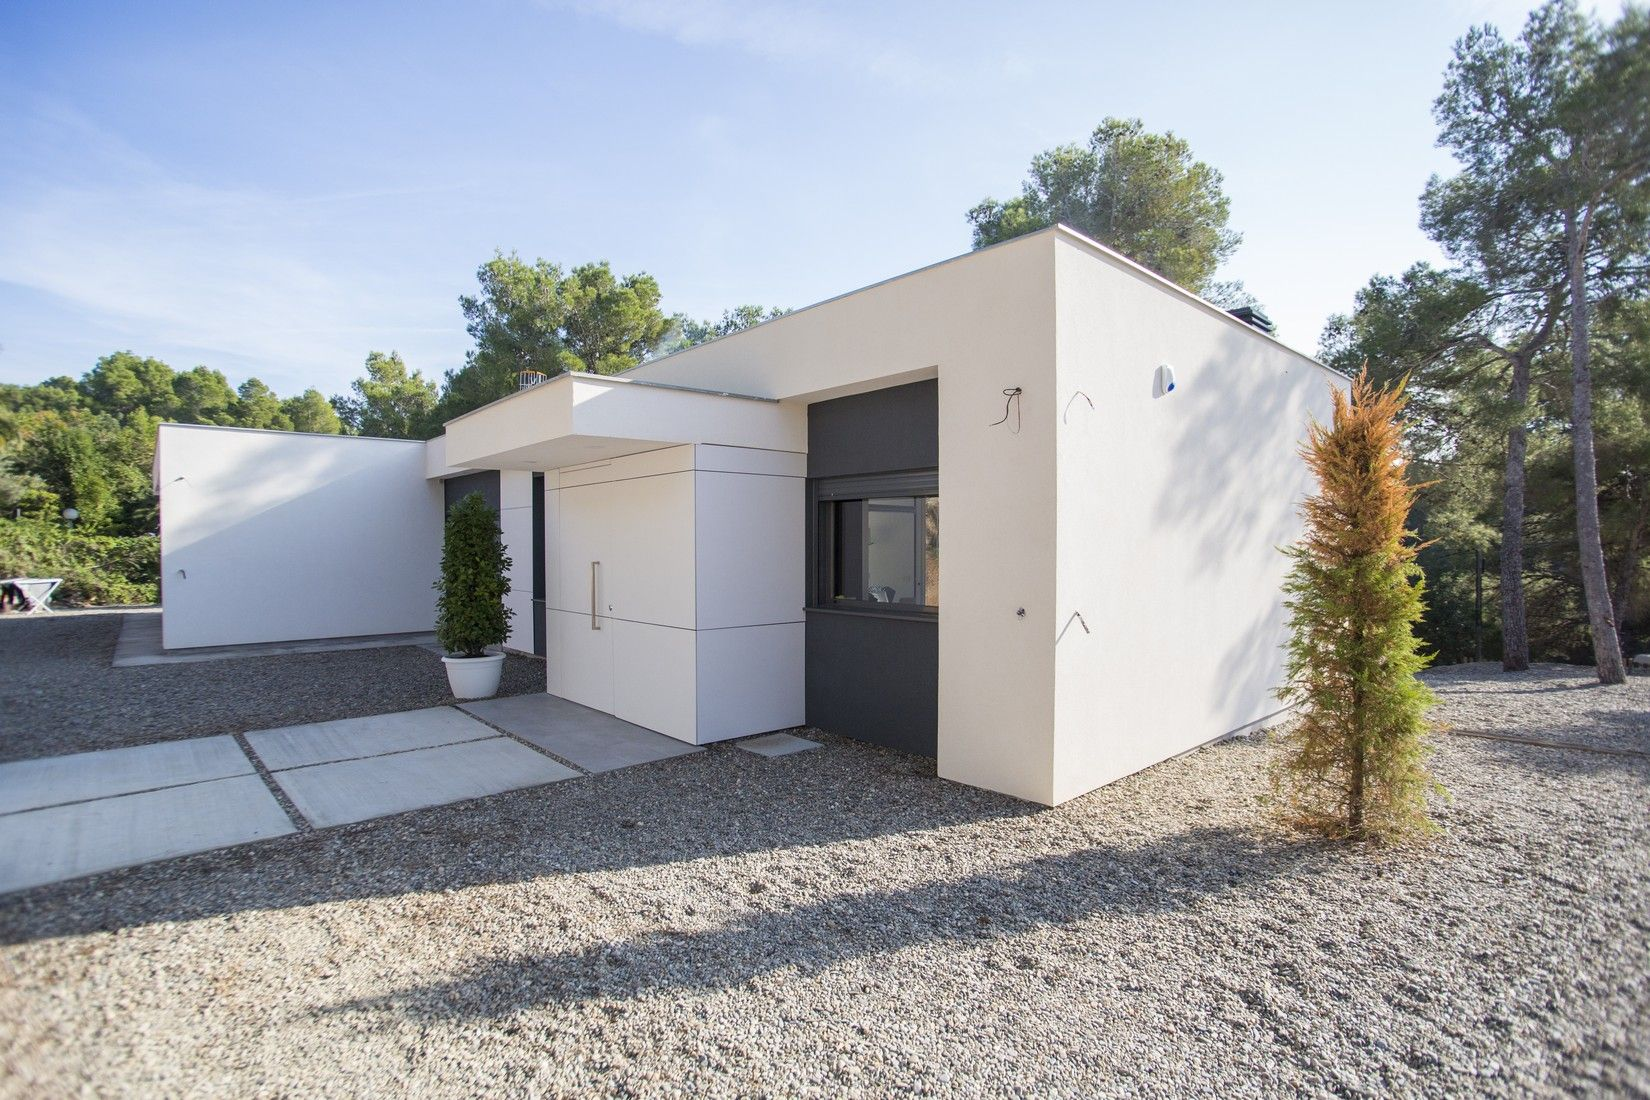 Proyecto casa acero modular prefabricada h jmt to14 tekdom - Casas modulares acero ...